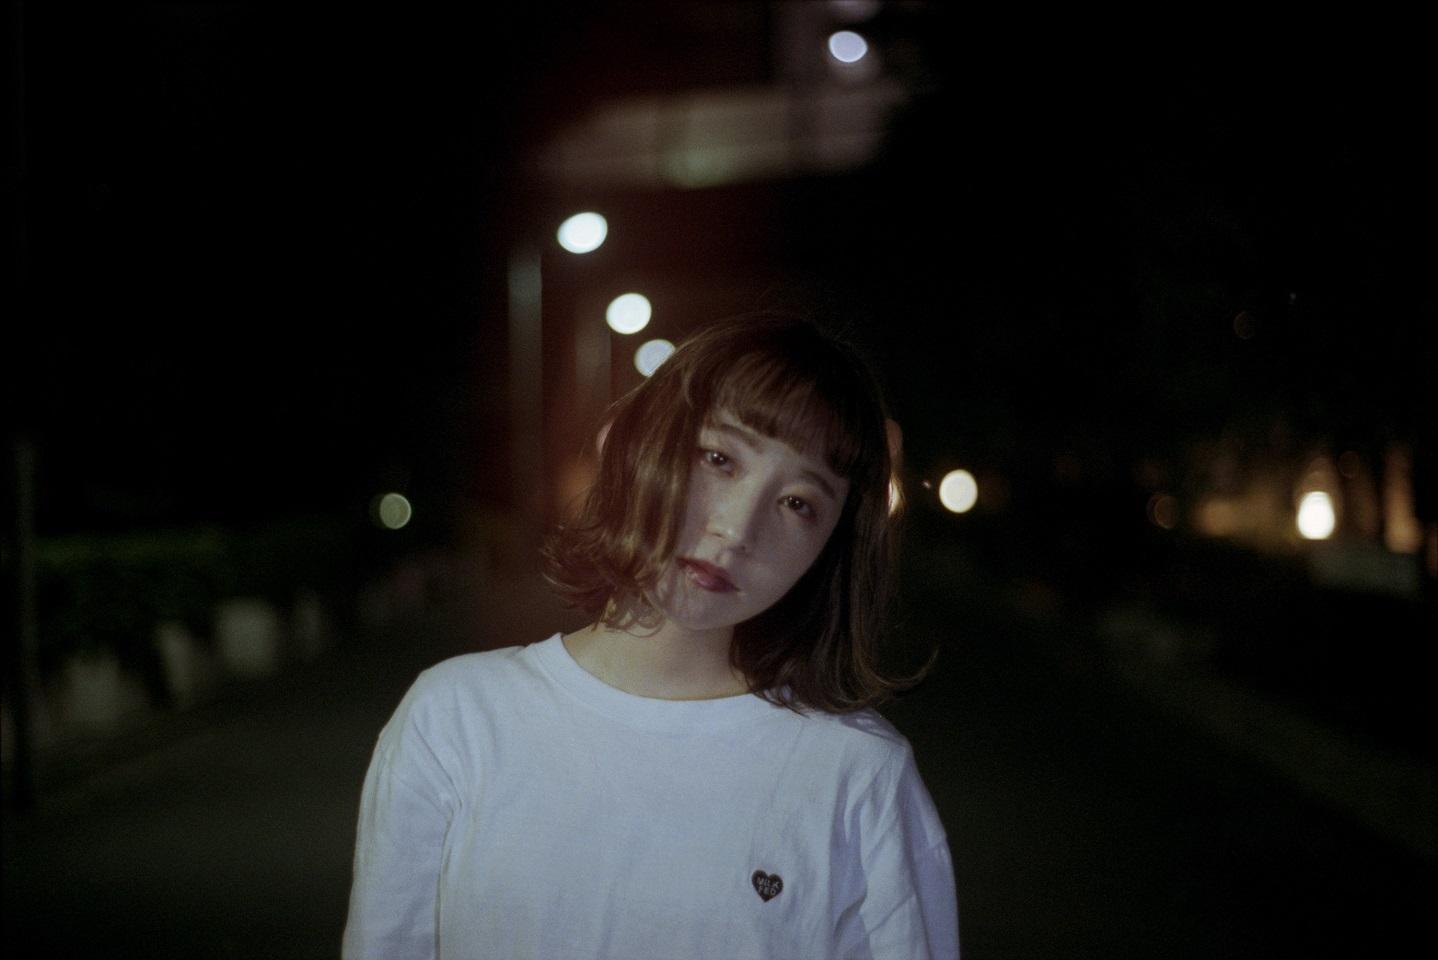 """シンガーソングライター""""果歩""""、初の全国流通盤EP「水色の備忘録」のリリースが決定サムネイル画像"""